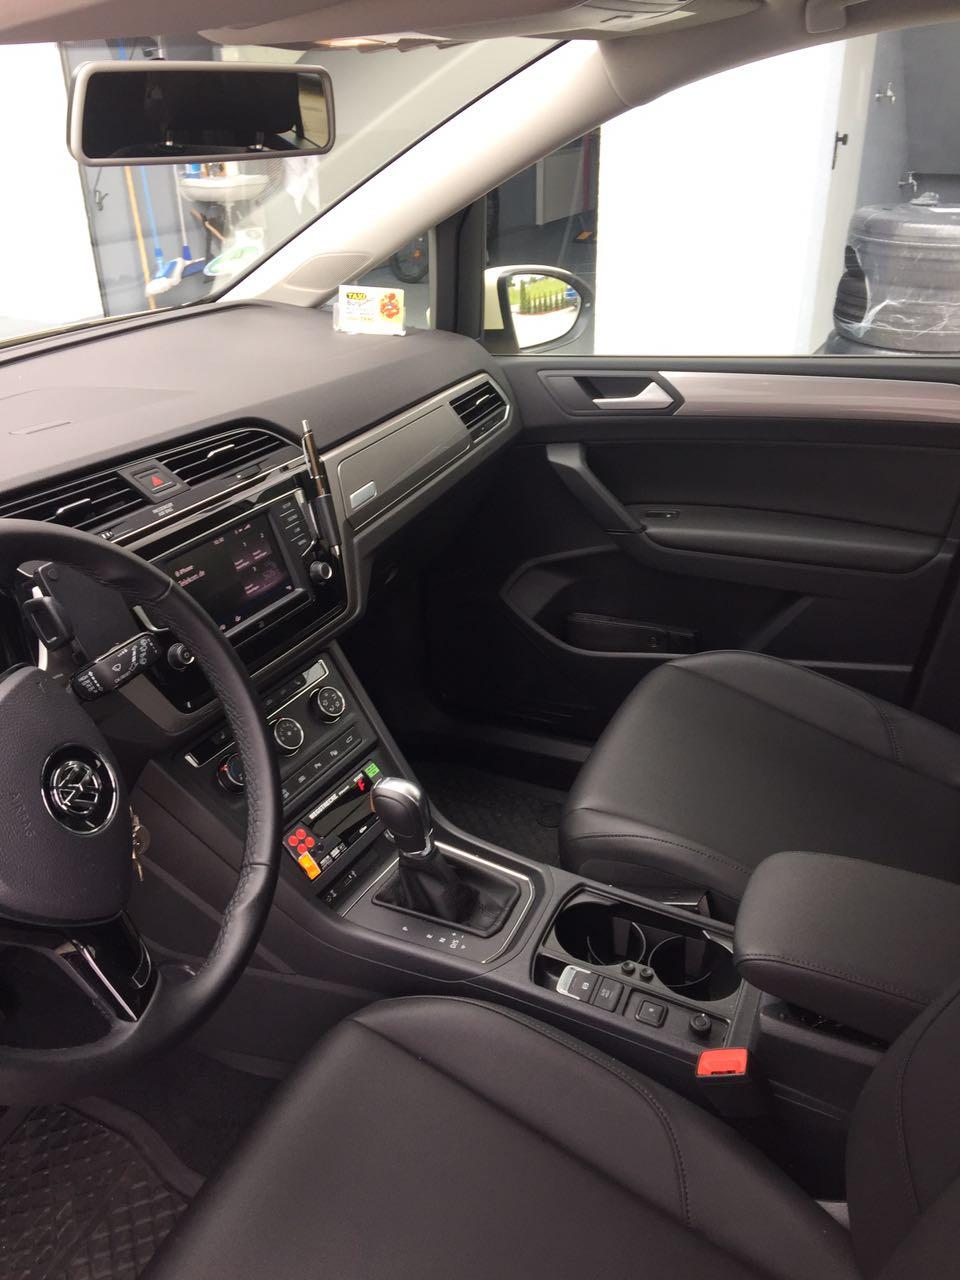 VW Touran, vielseitig und wendig!